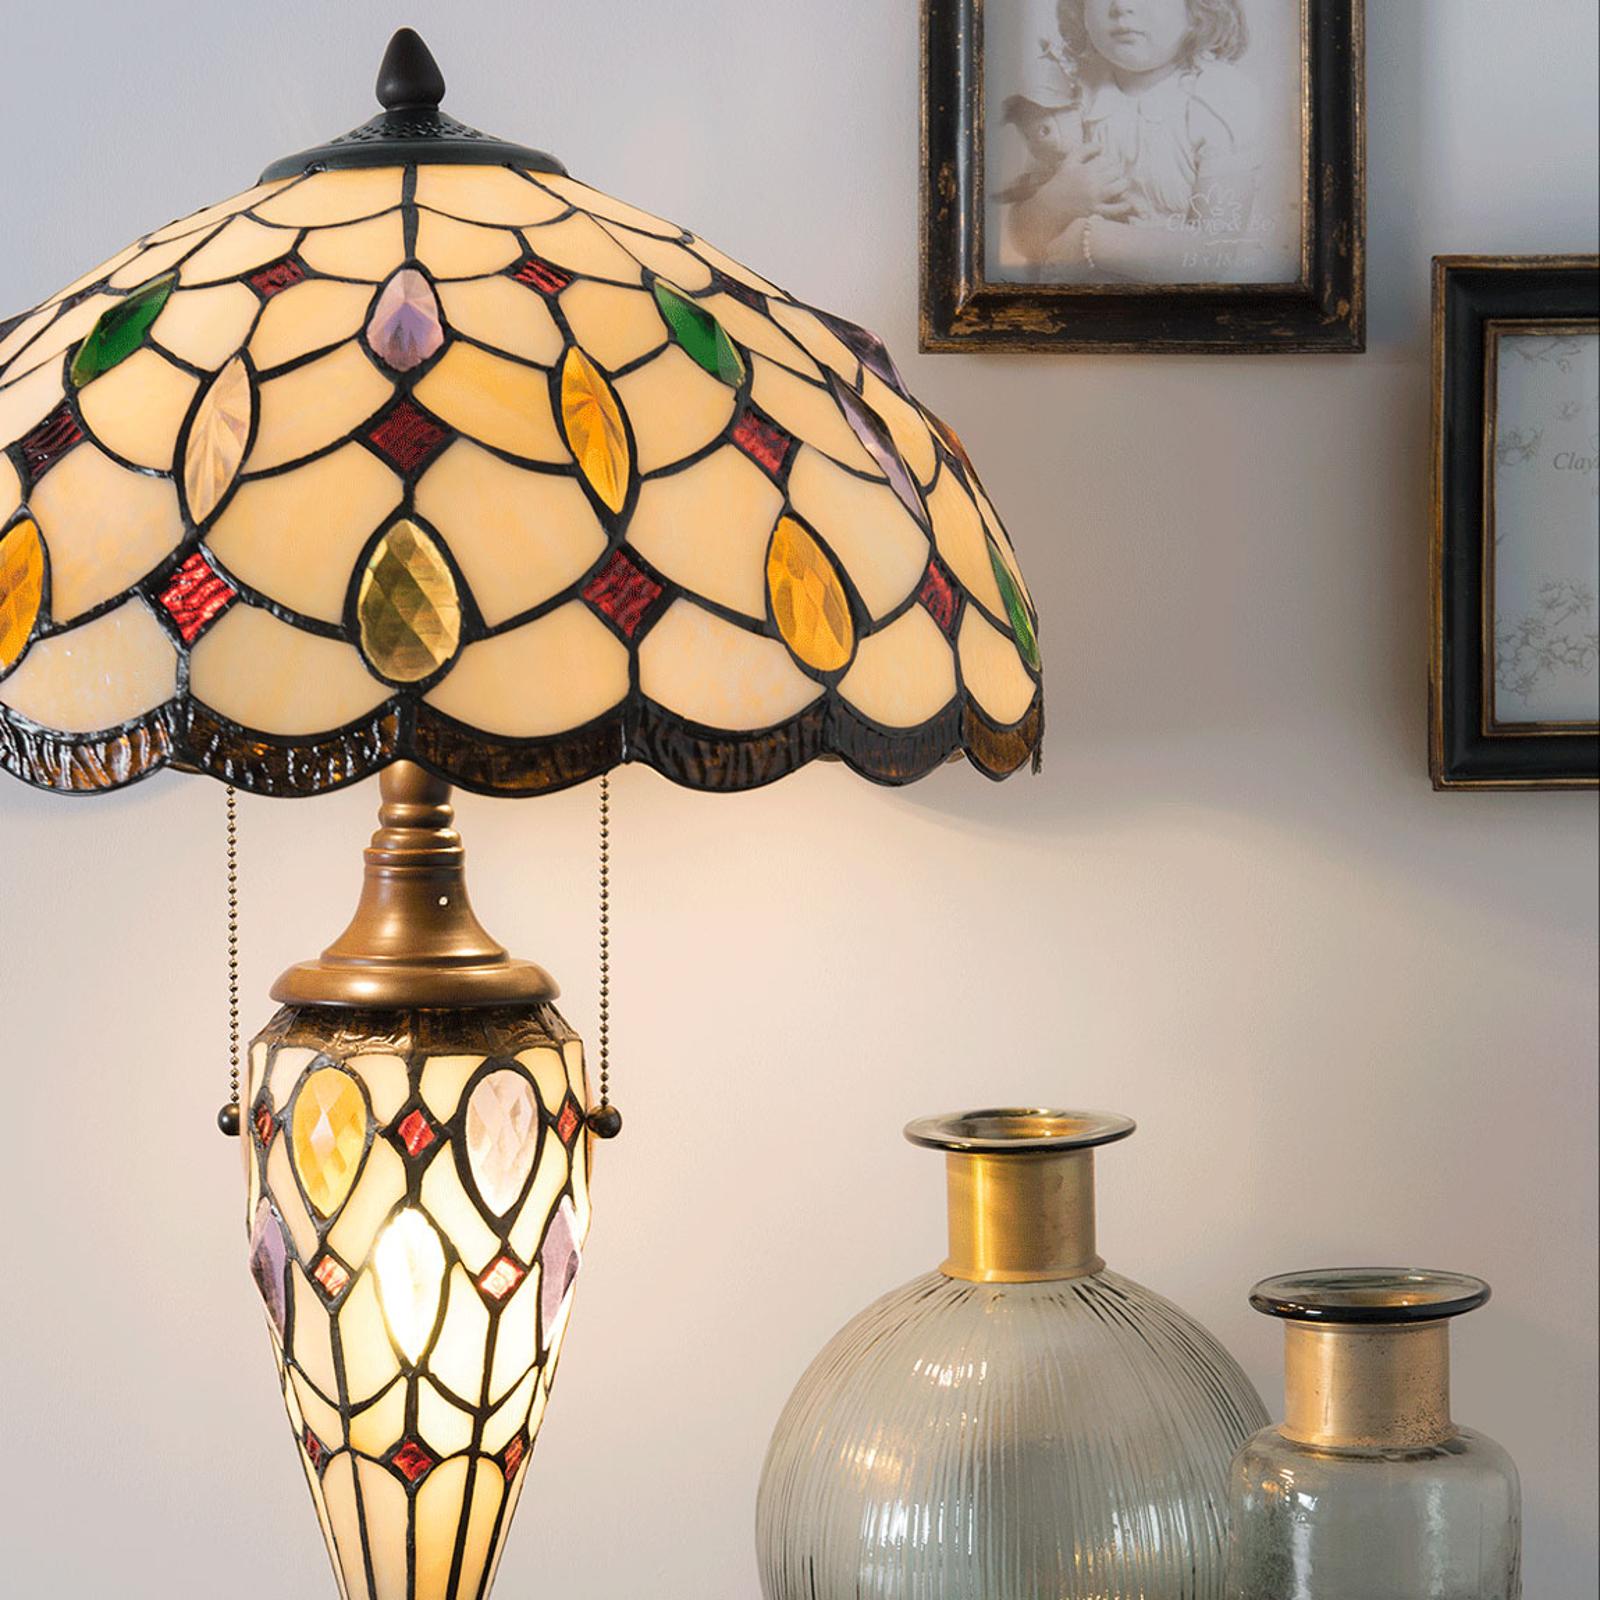 Tischleuchte 5182 mit buntem Tiffany-Glasschirm